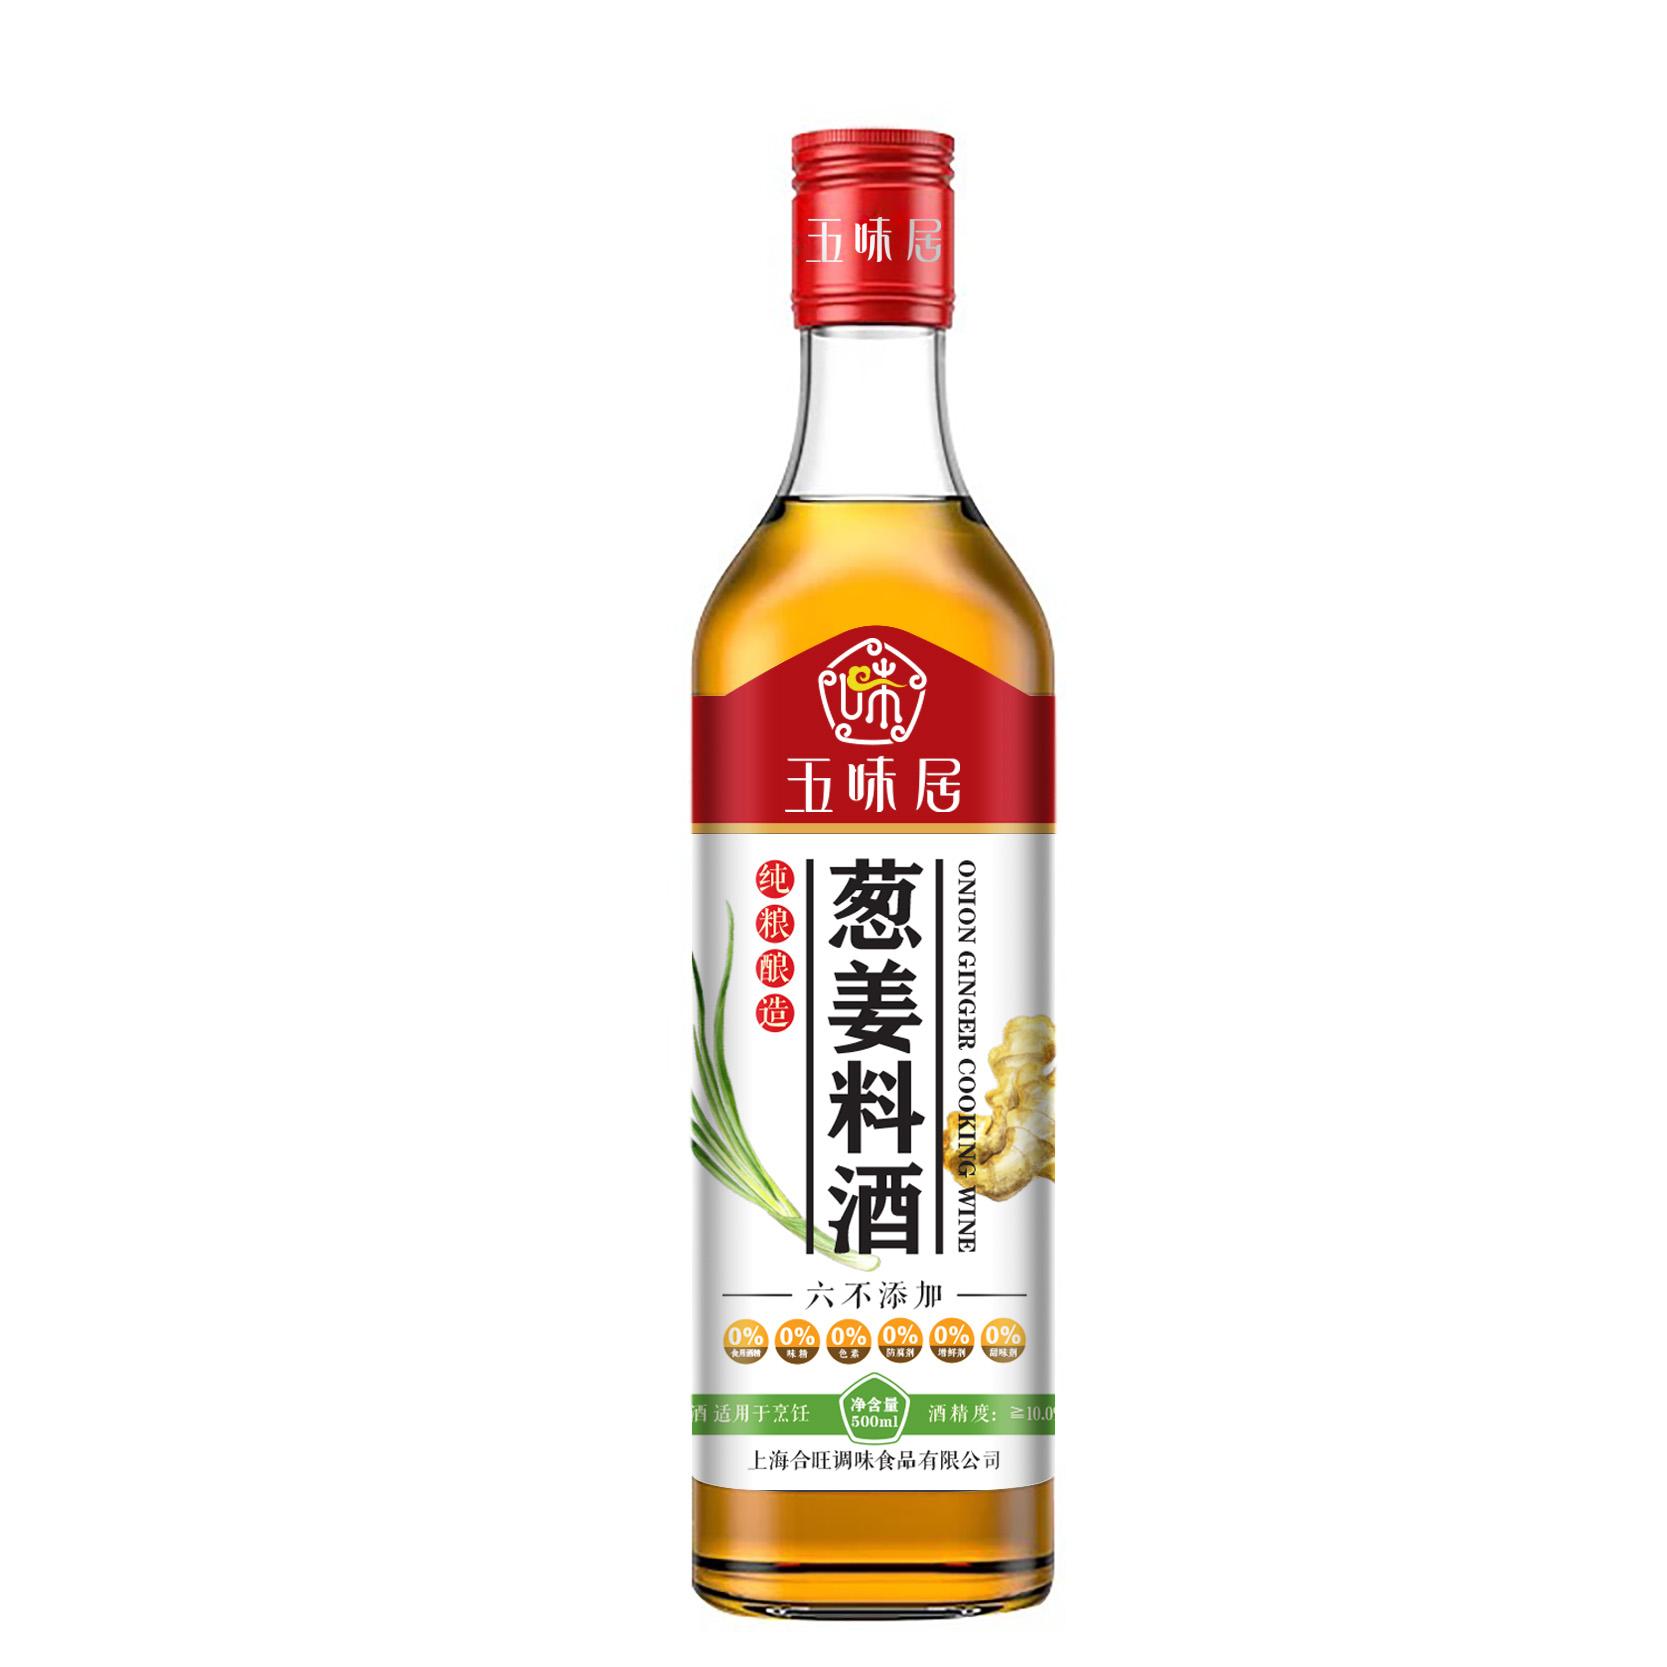 五味居500ml葱姜料酒去腥提鲜 家用烹饪解膻厨房调味料黄酒包邮